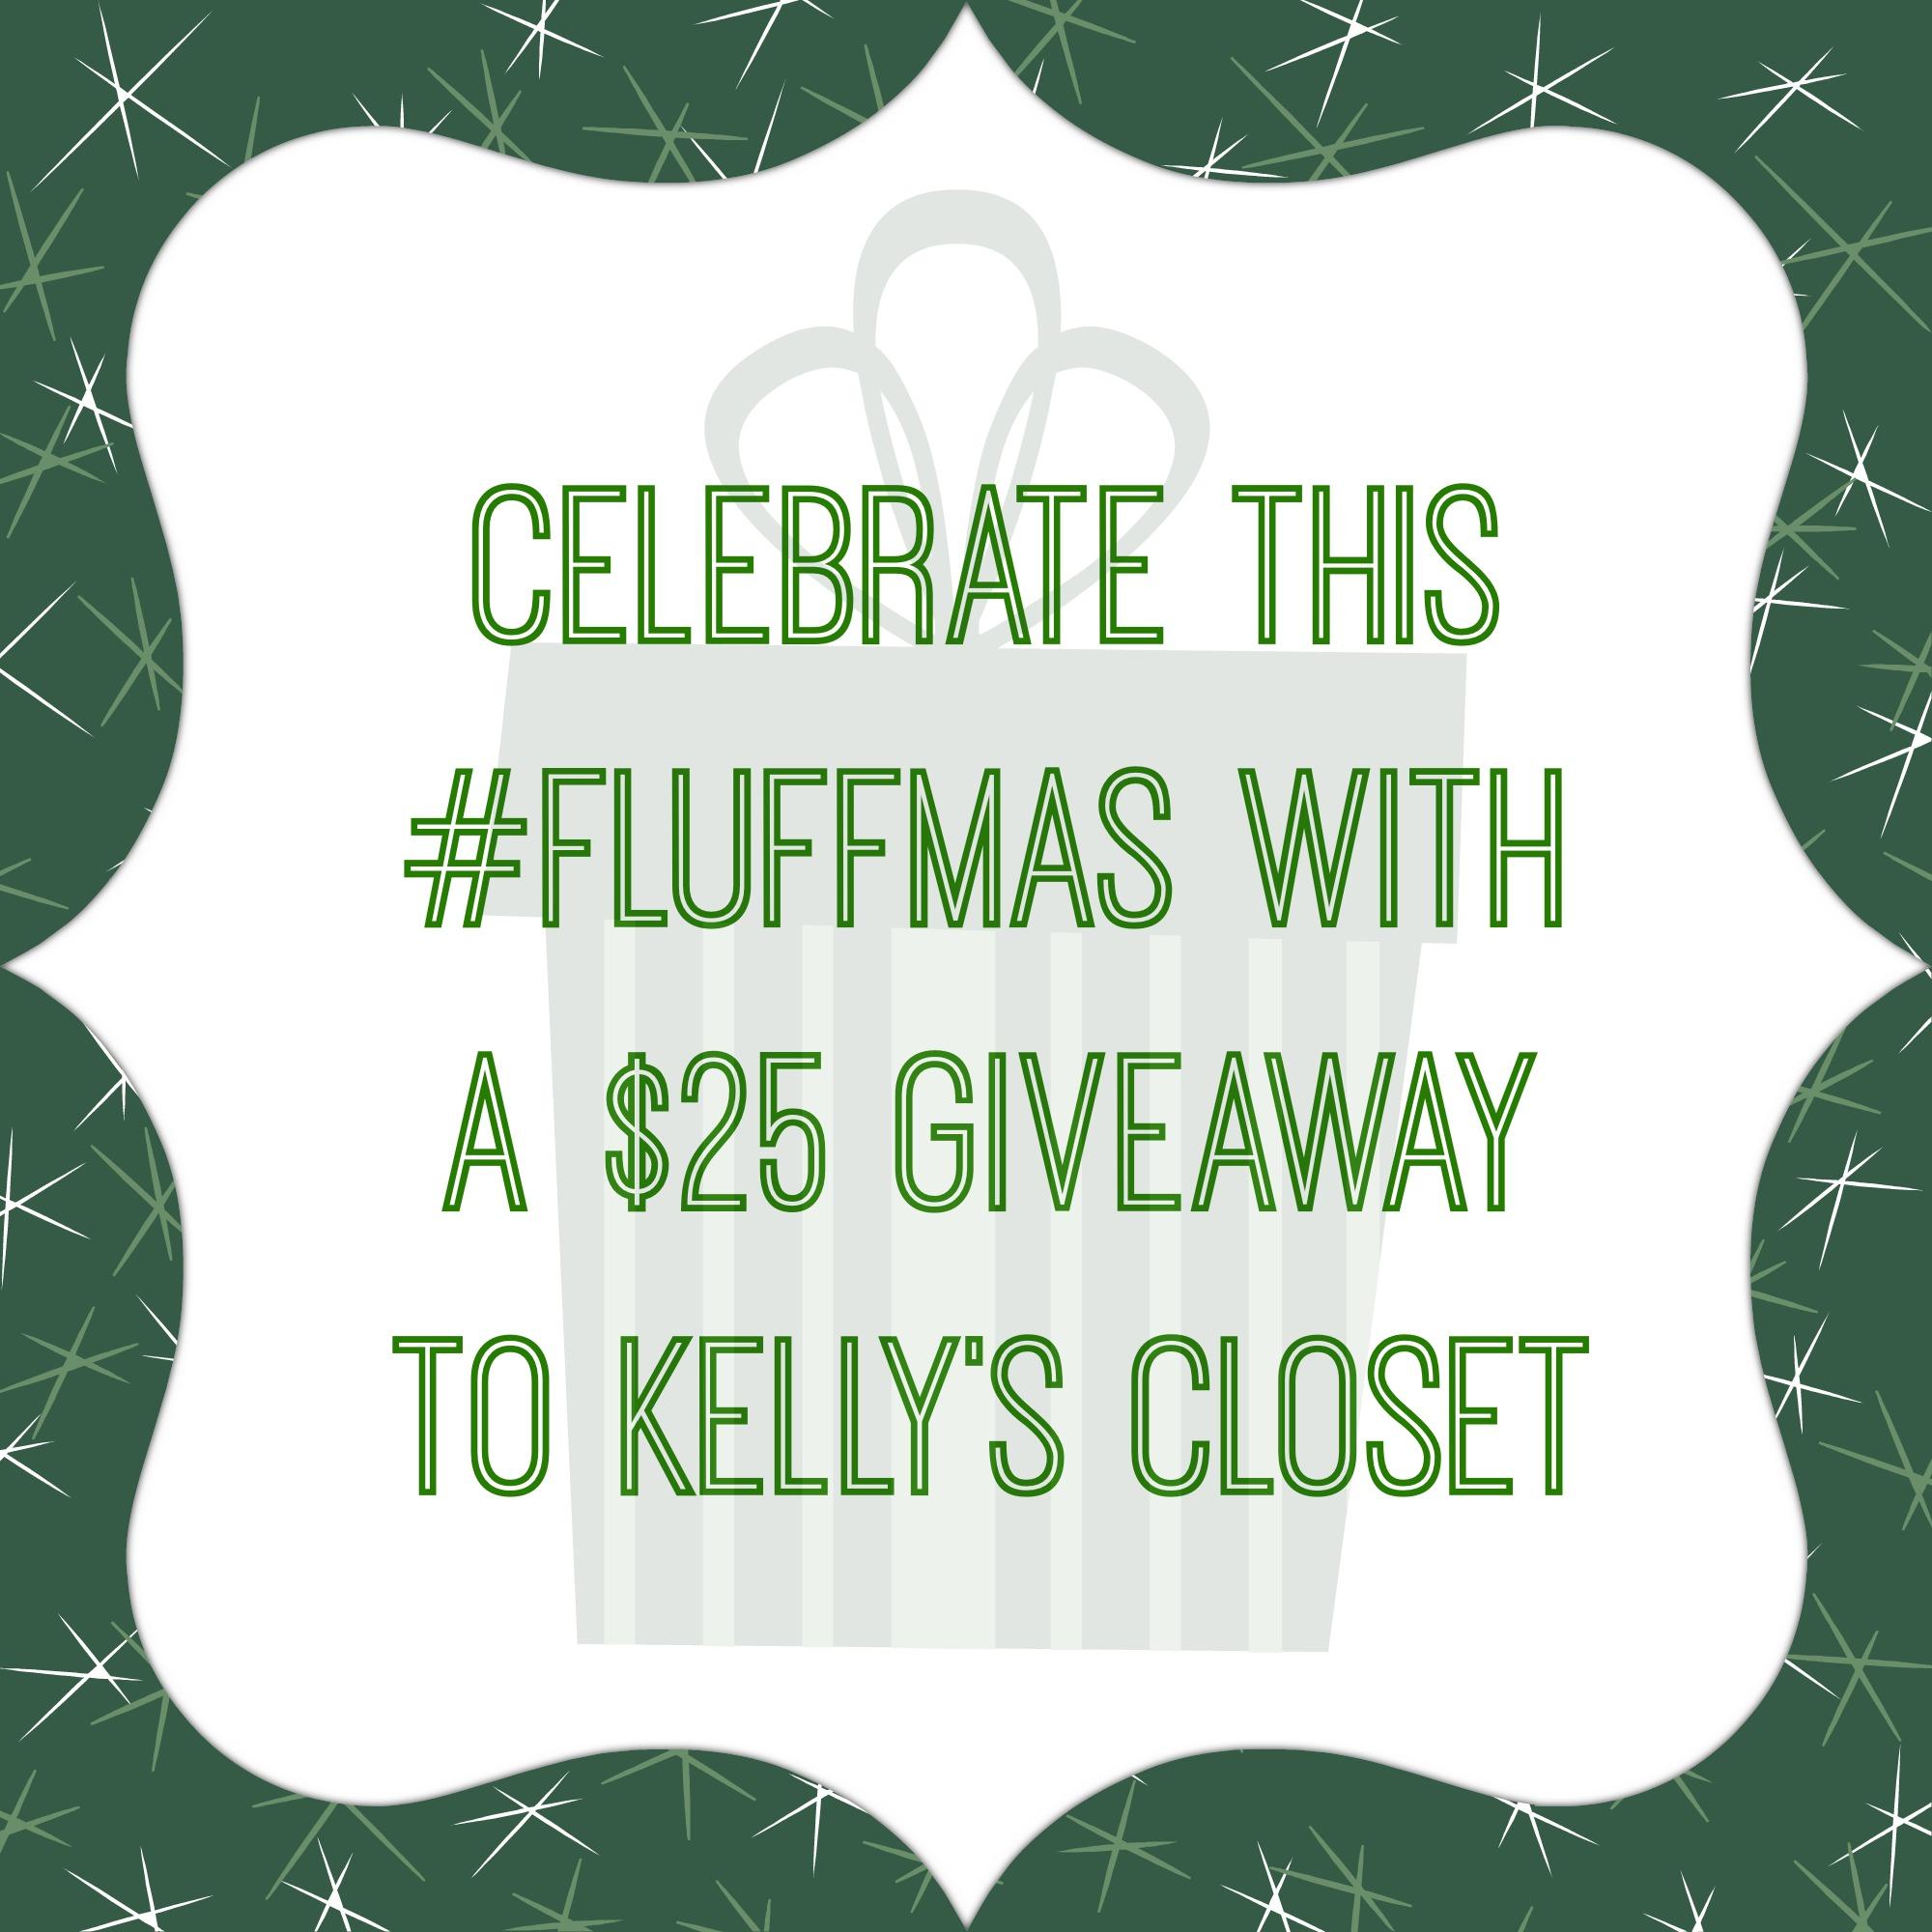 $25 Kelly's Closet